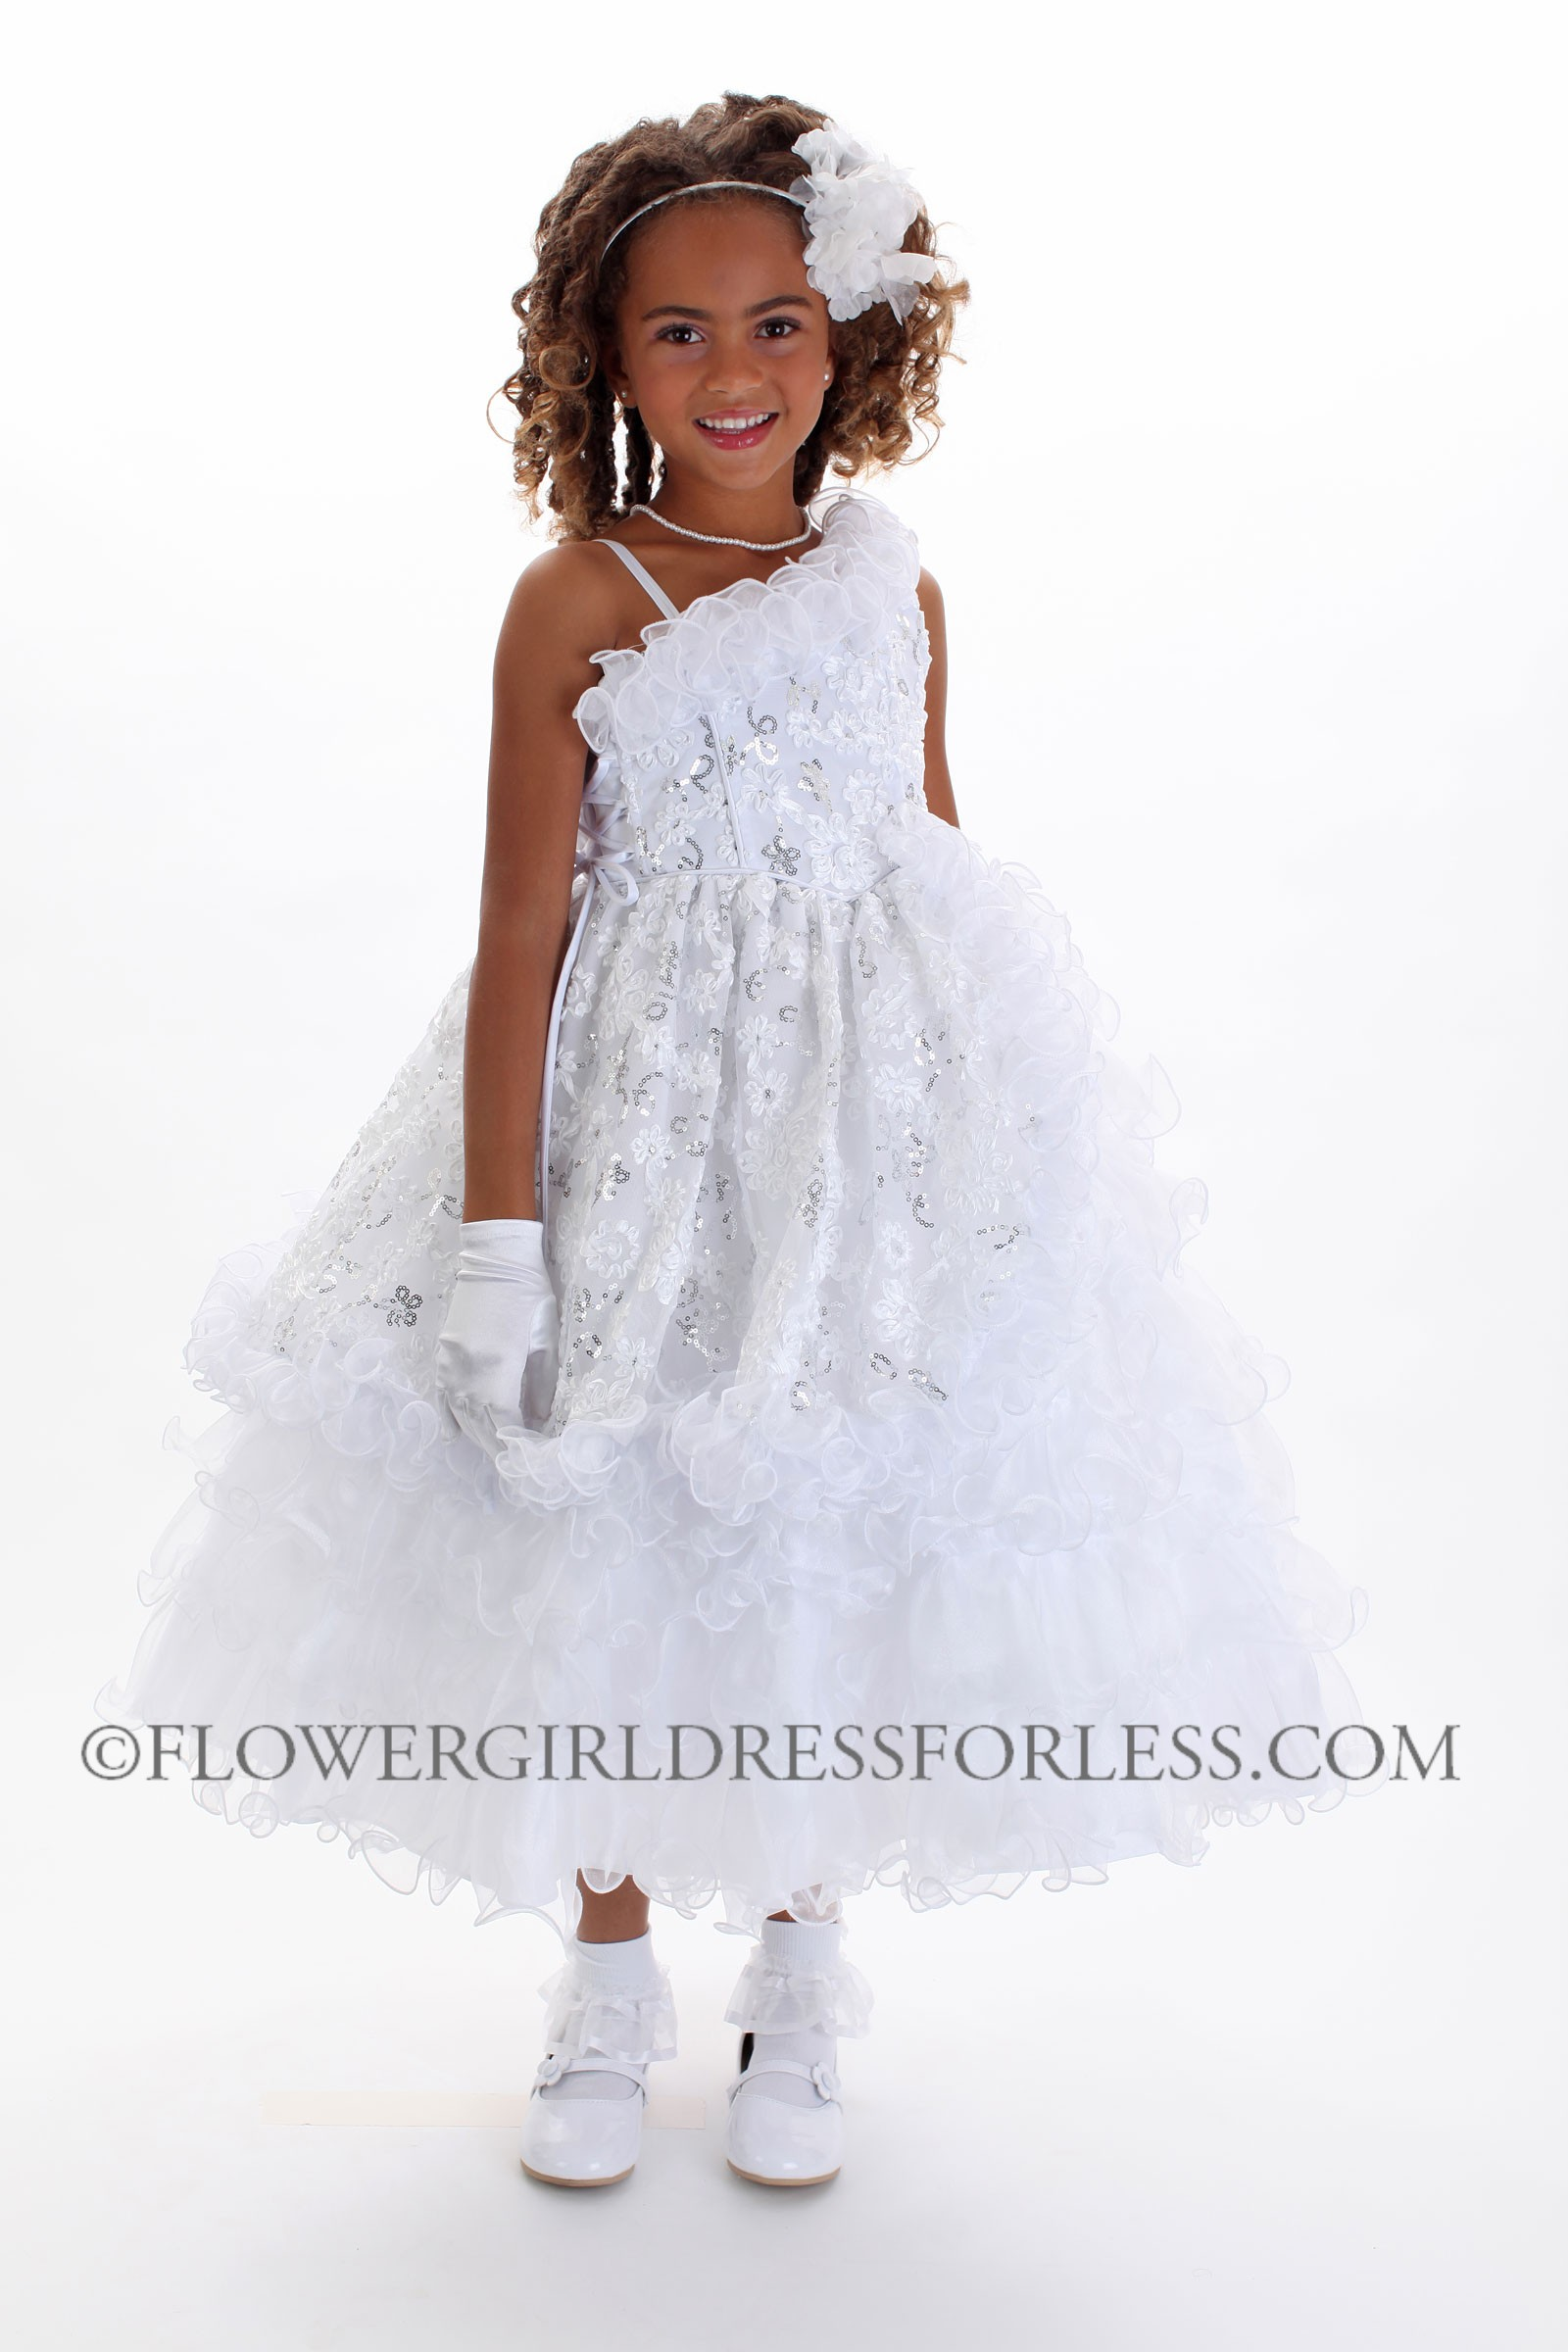 Flower Girl Dresses For Less Wedding Bells Dresses